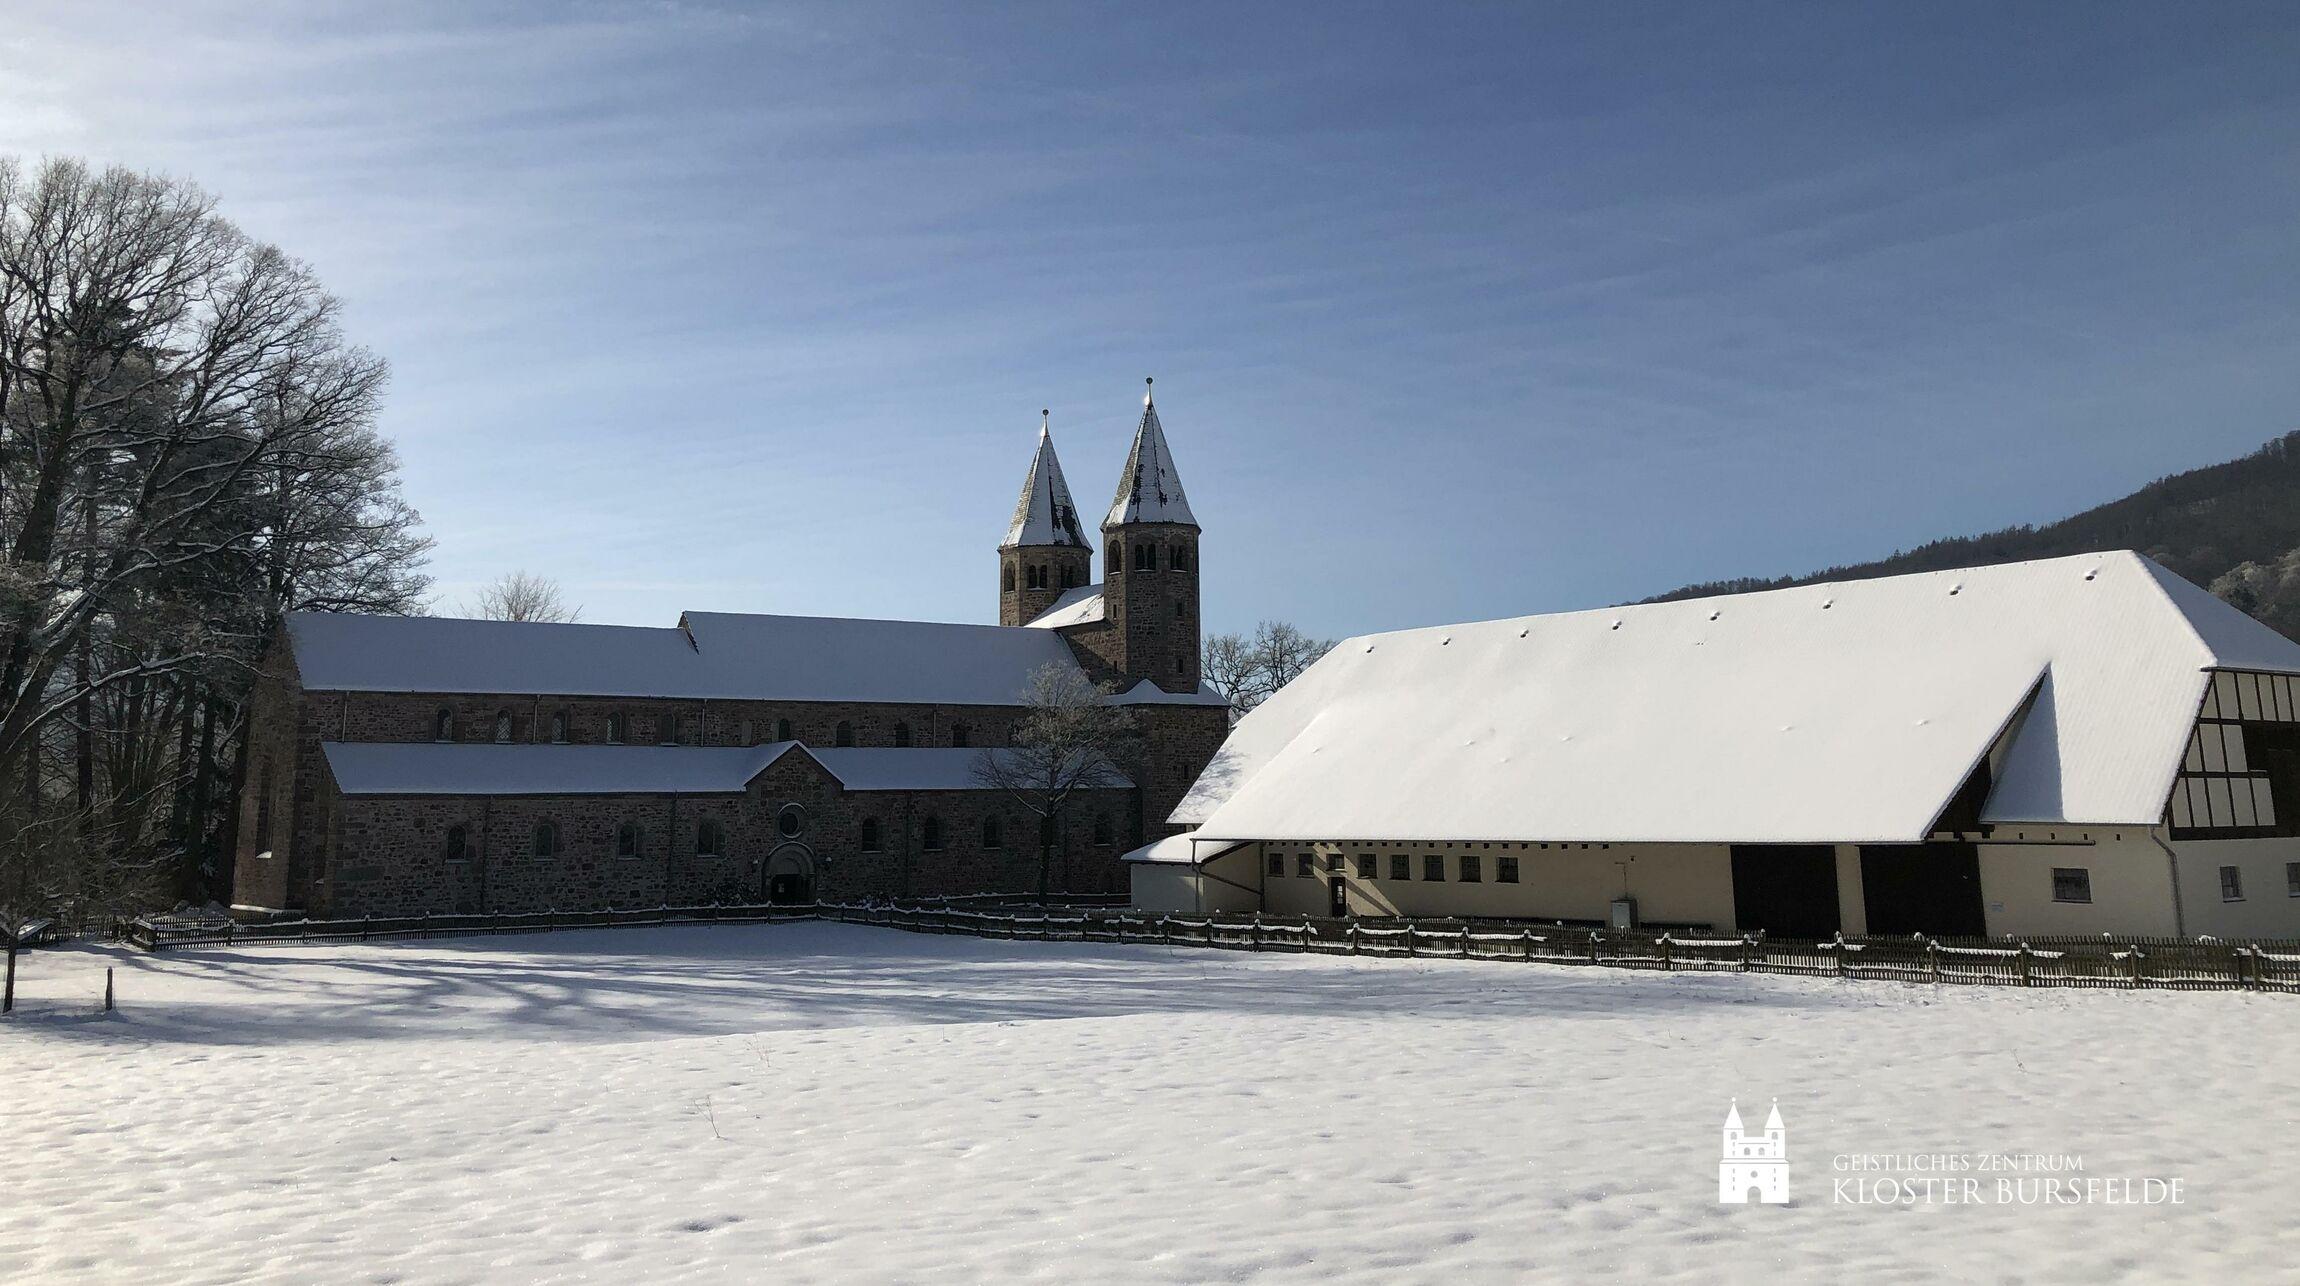 Foto: Klaas Grensemann, Kloster Bursfelde